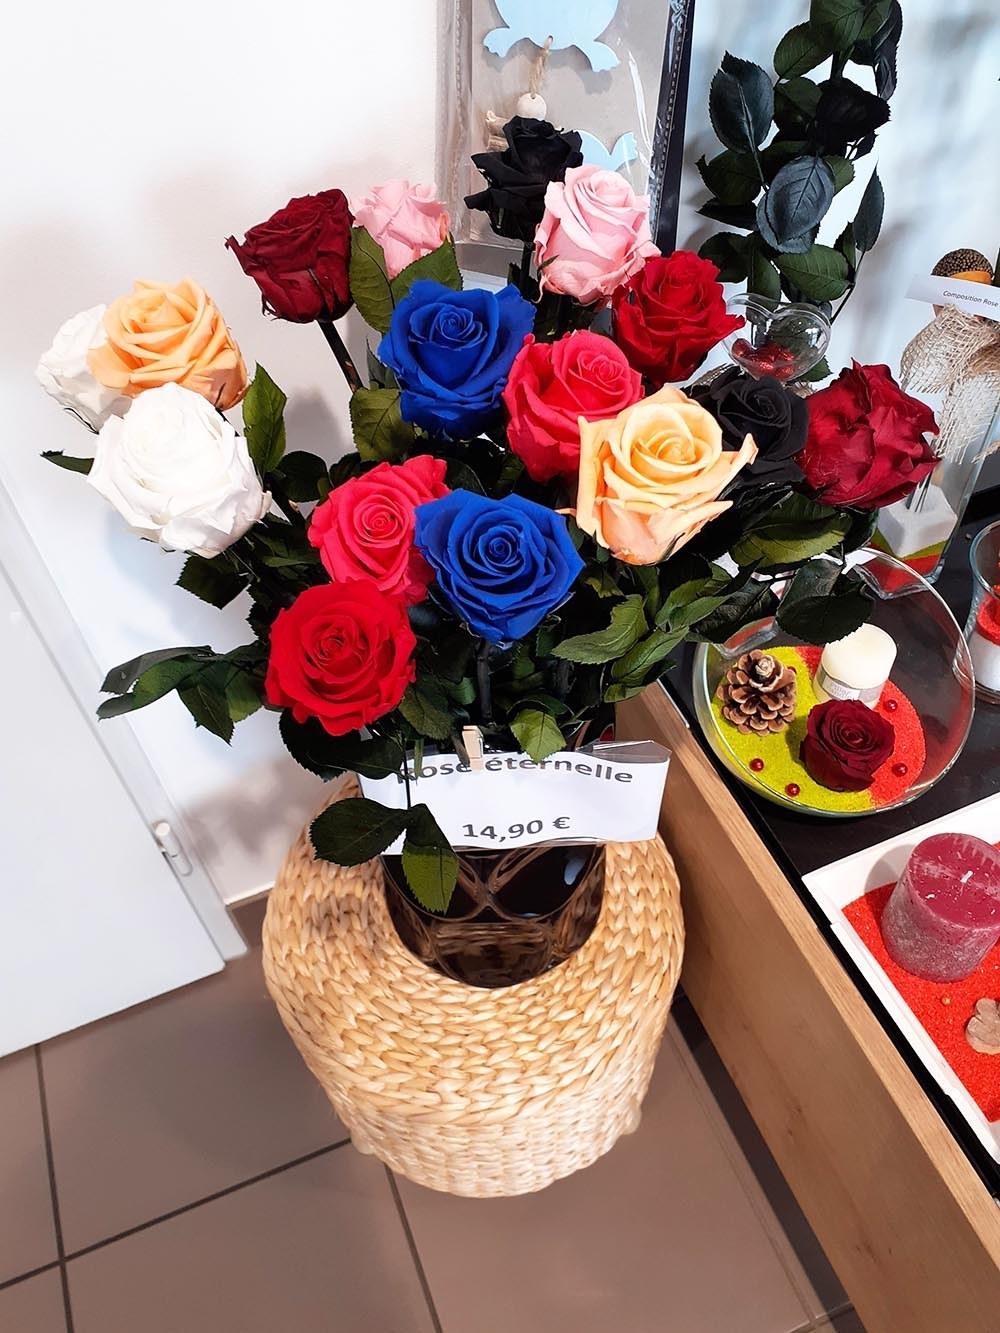 Rose eternelle tige (2)